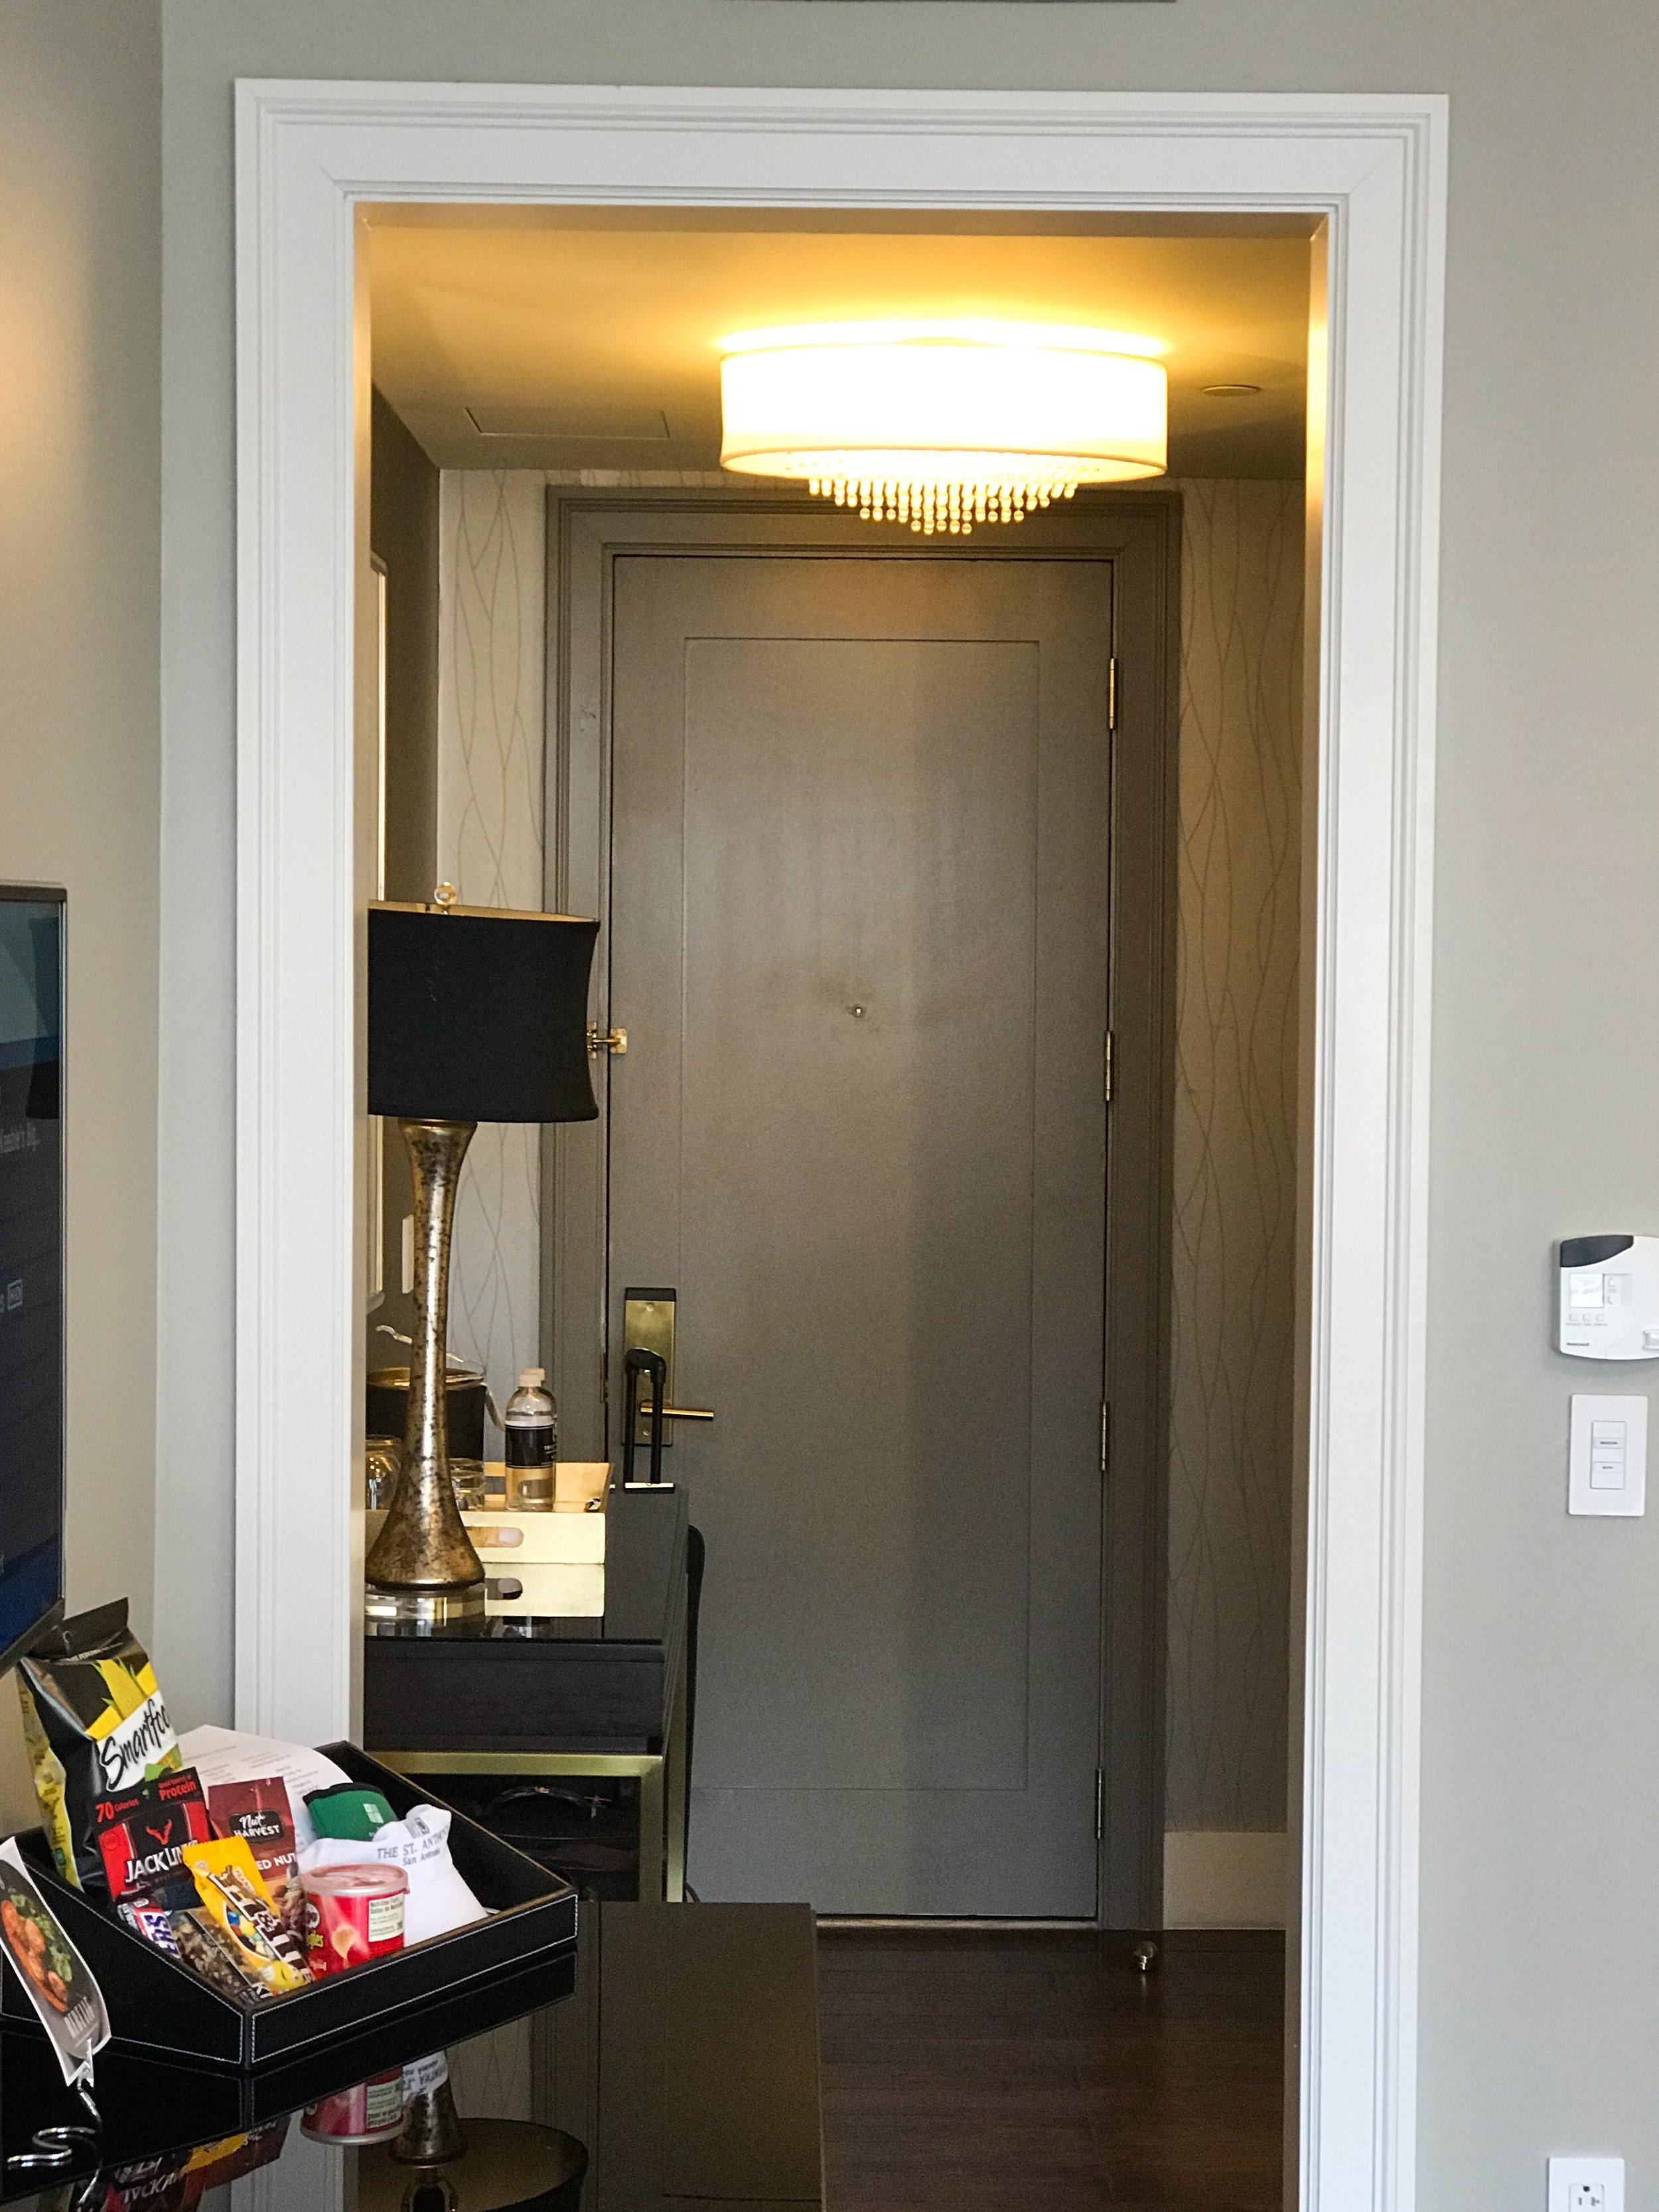 Looking towards the door from the bedroom.